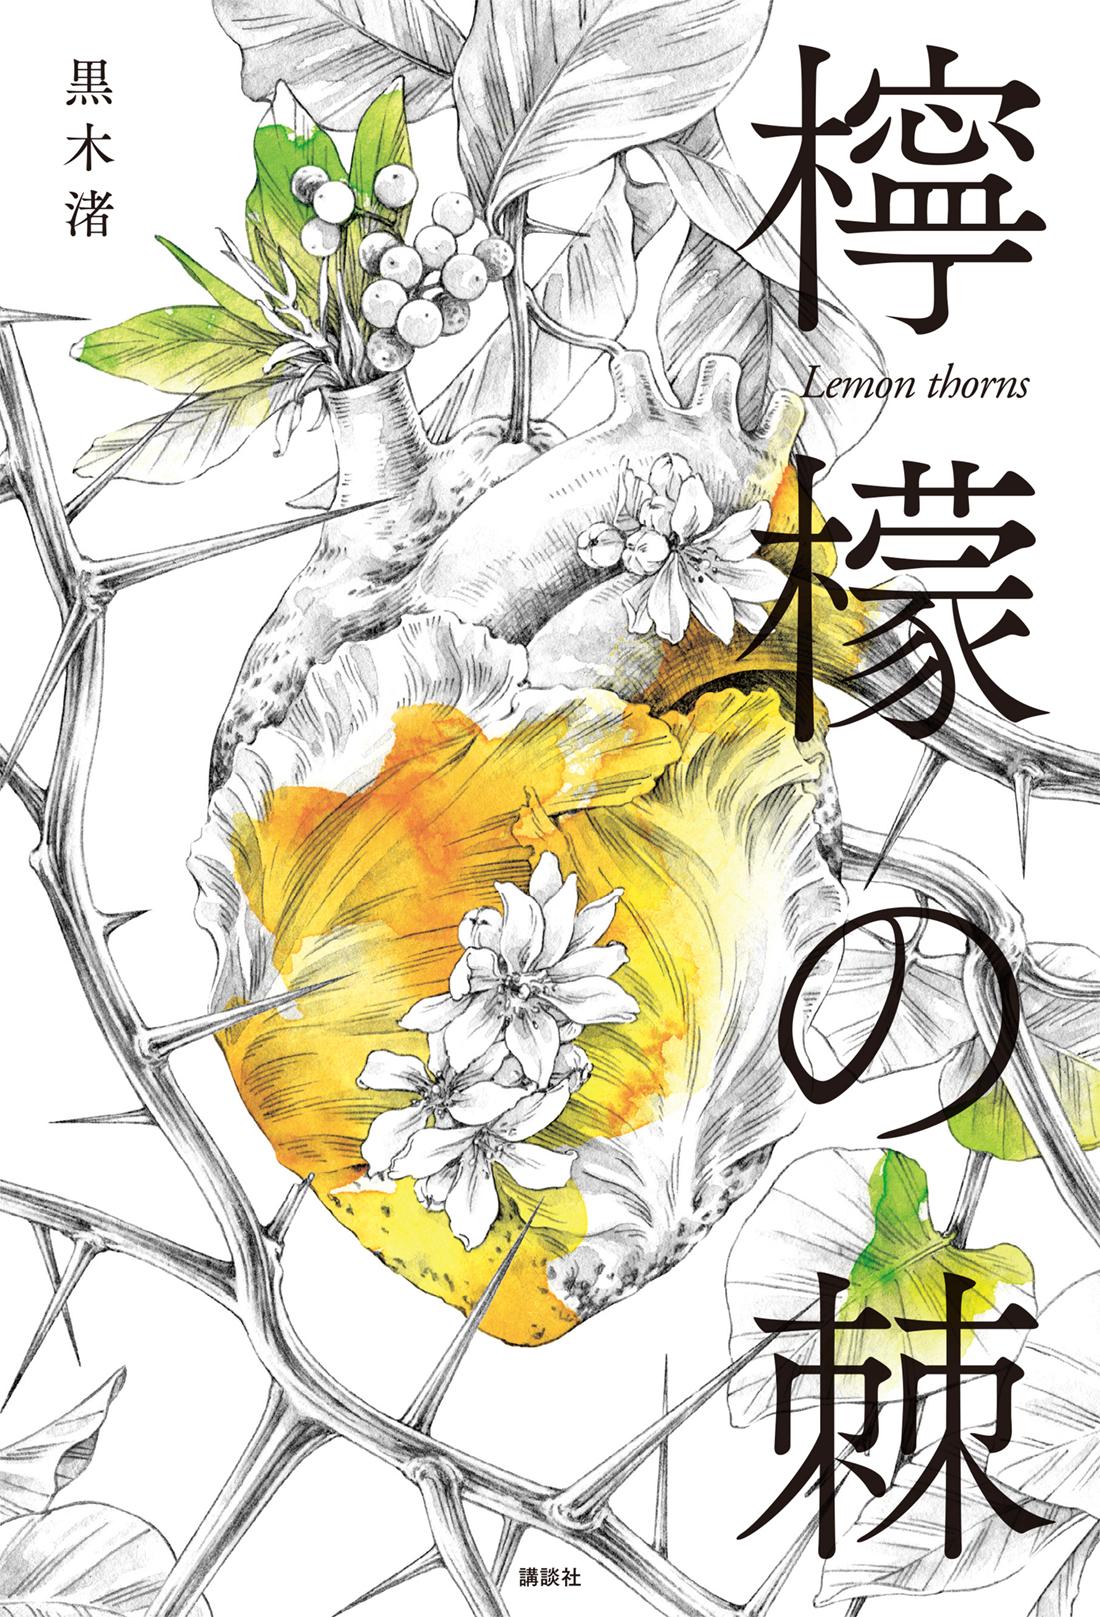 黒木渚 初の私小説『檸檬の棘』